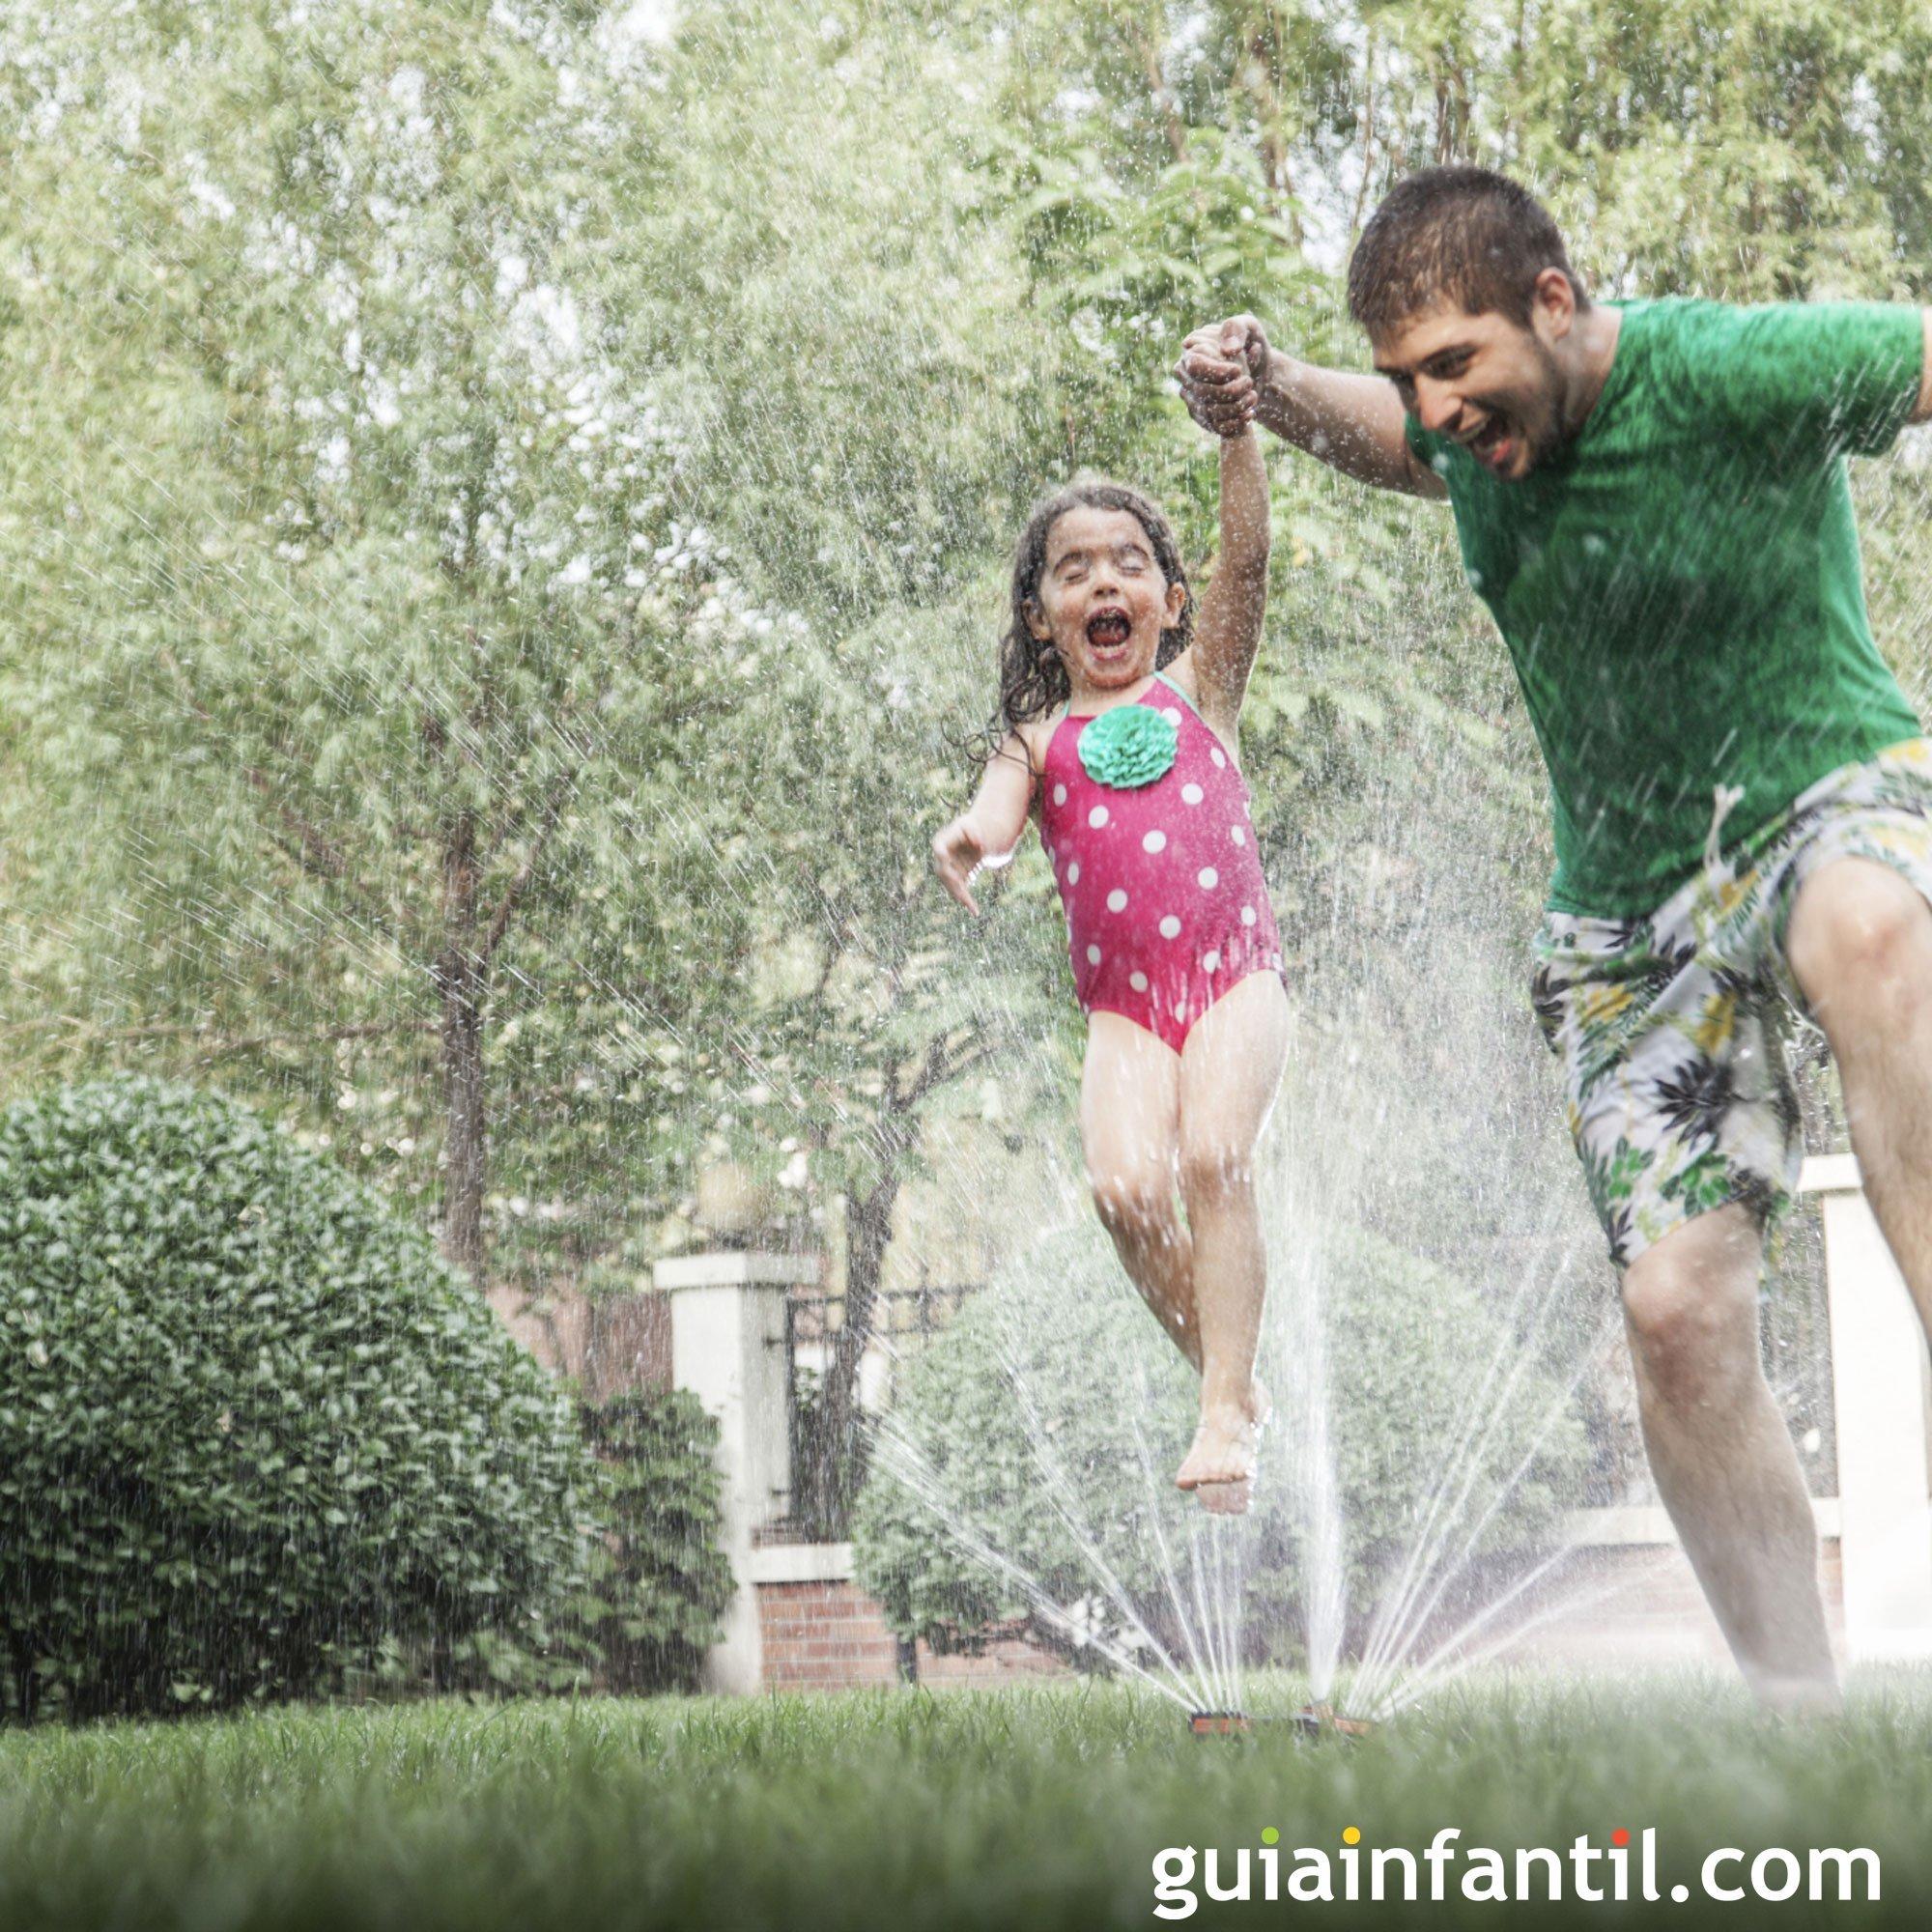 Jugar con el agua en verano con papá